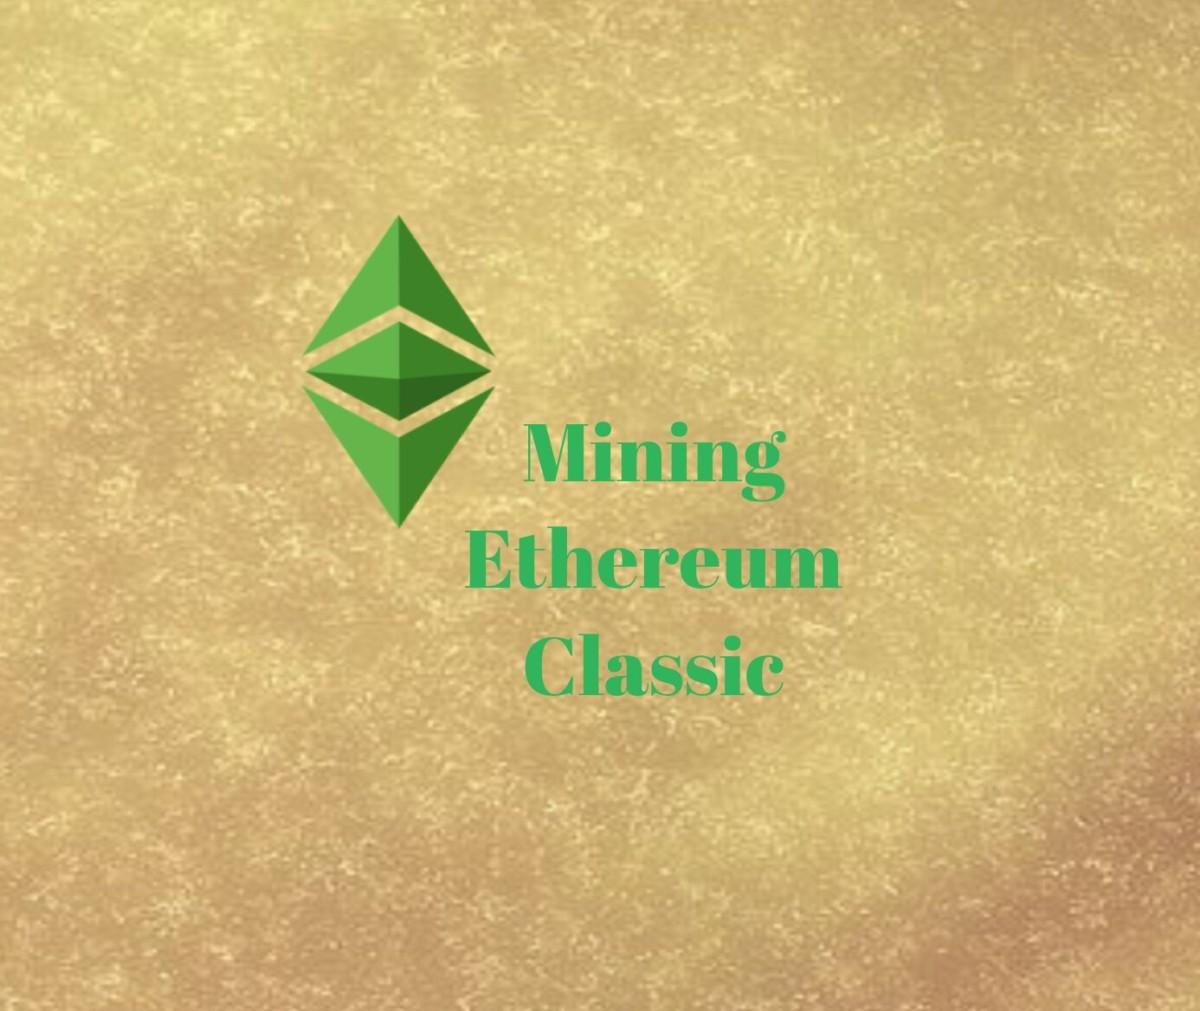 Майнинг Ethereum Classic в 2021 — самая полная пошаговая инструкция